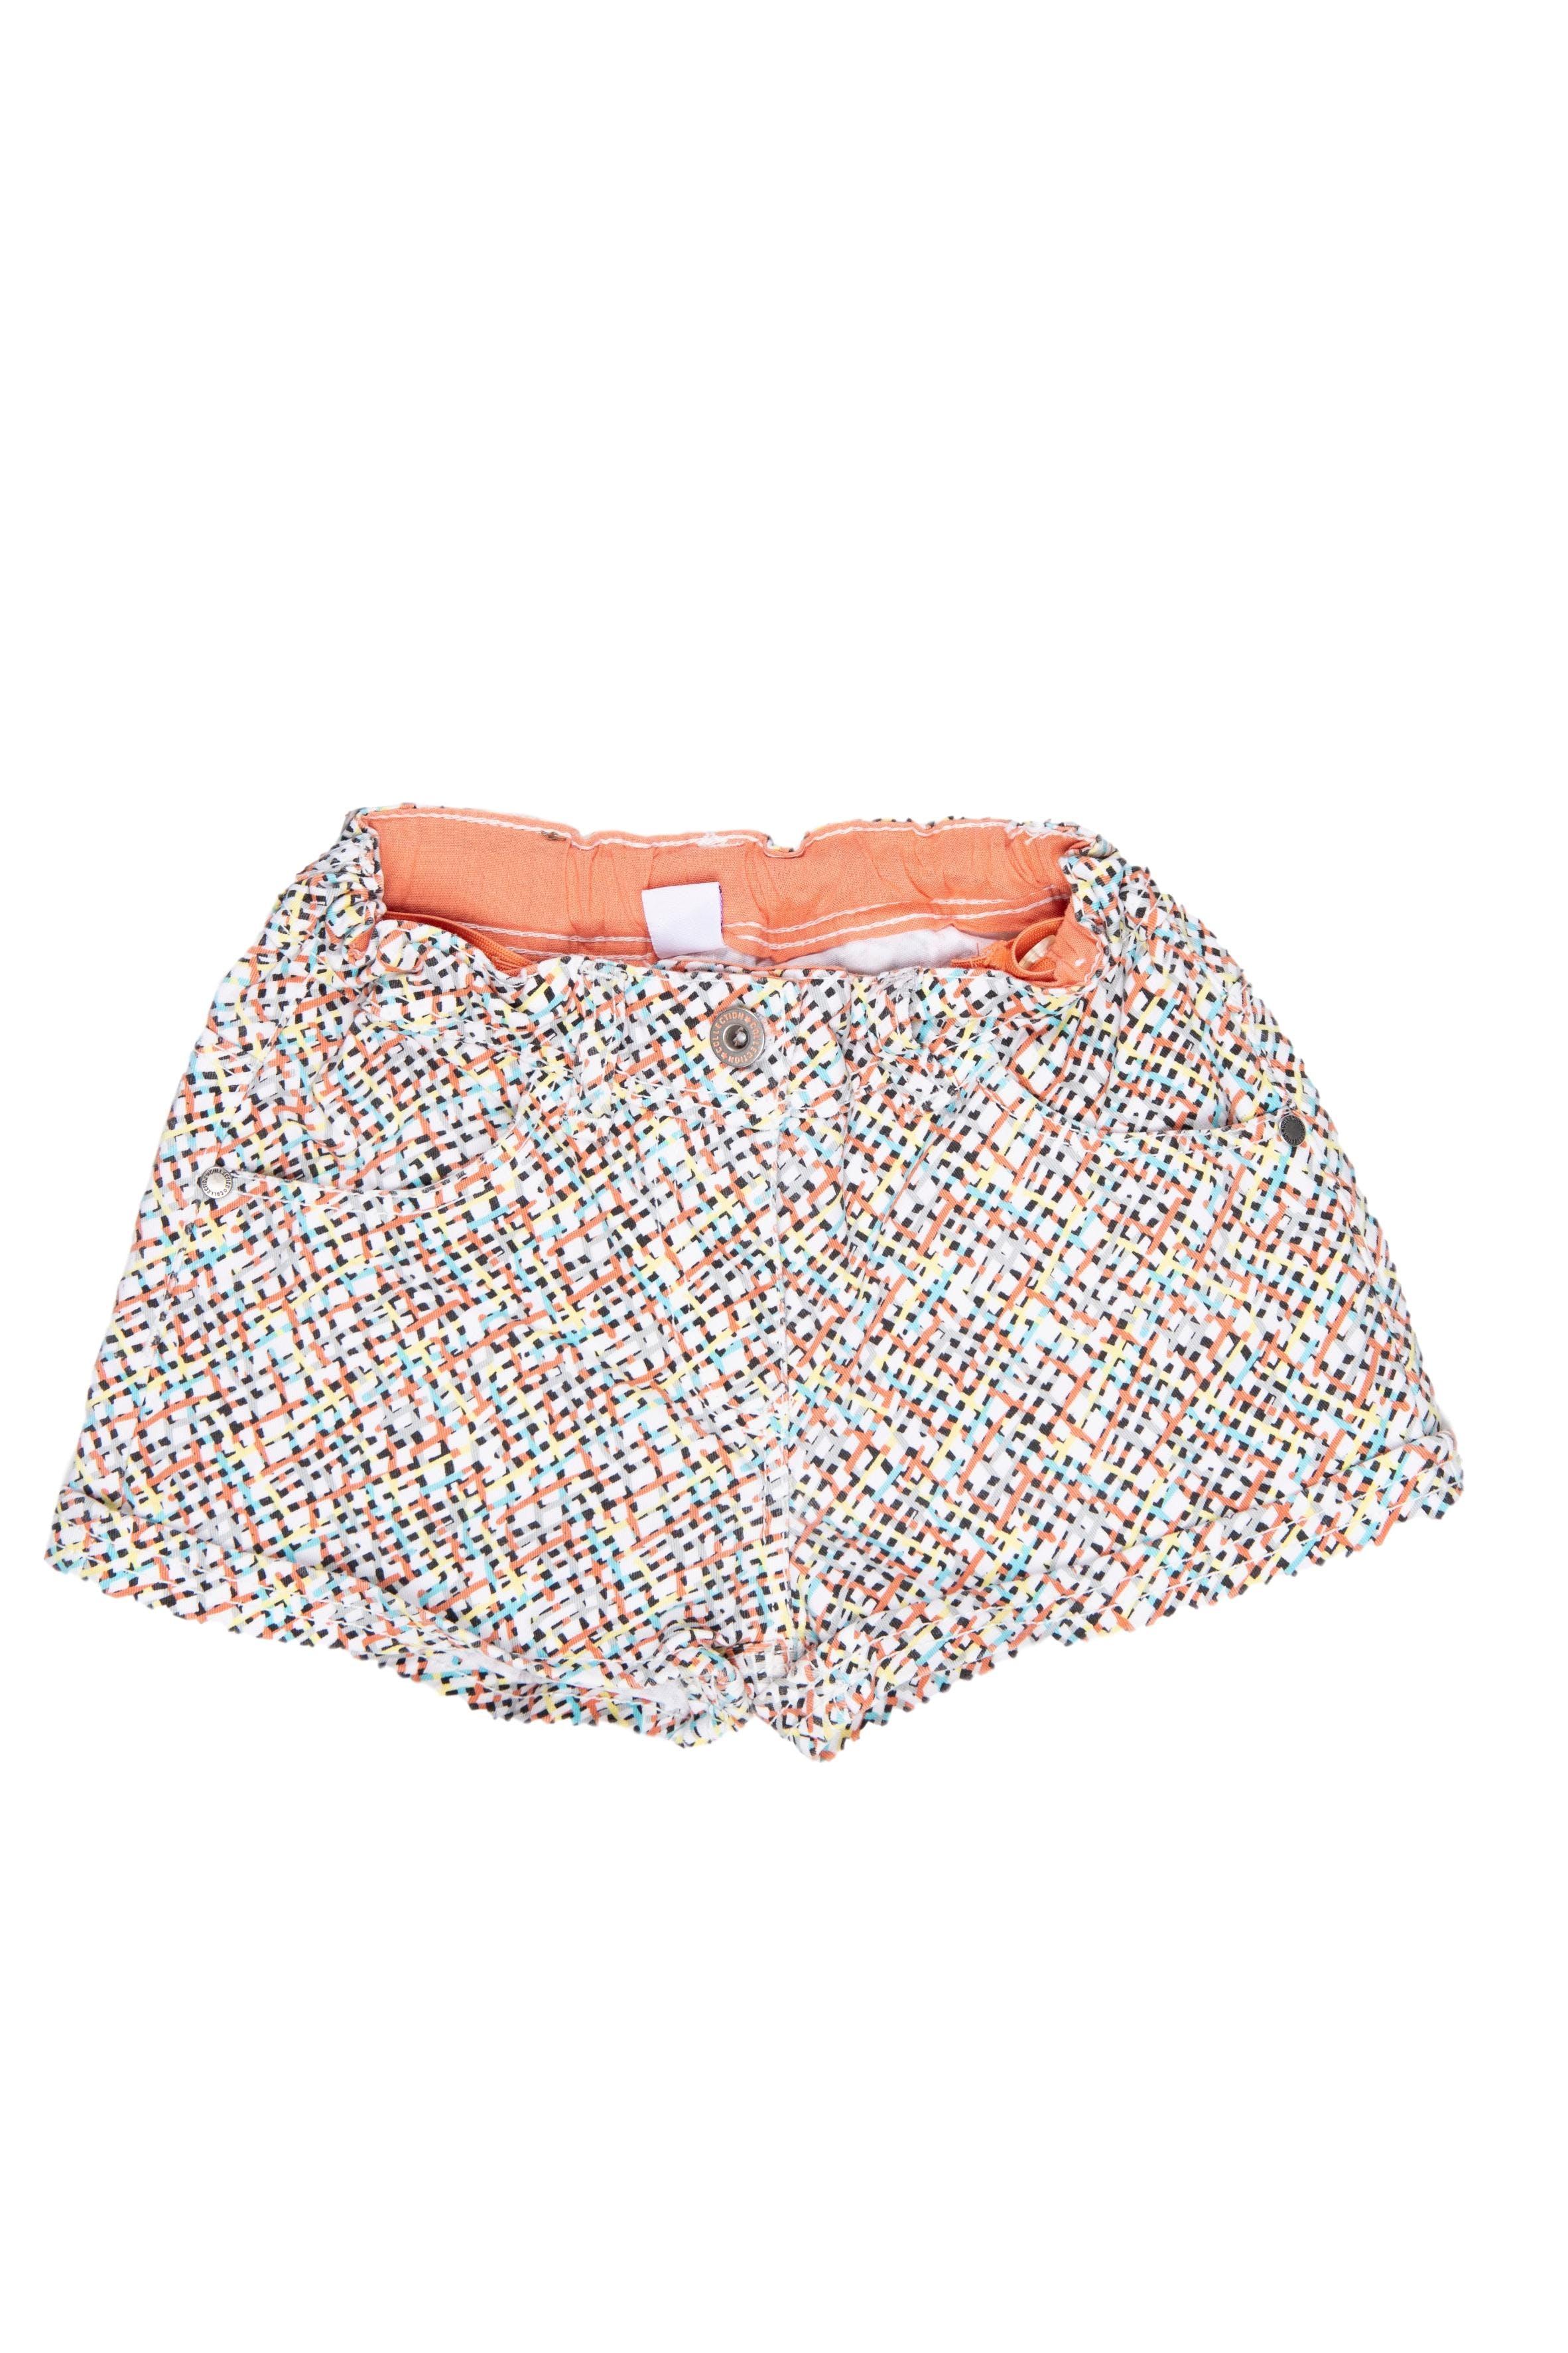 Short de tela rayada con cintura regulable, 98% algodón y 2% elastane - Yamp